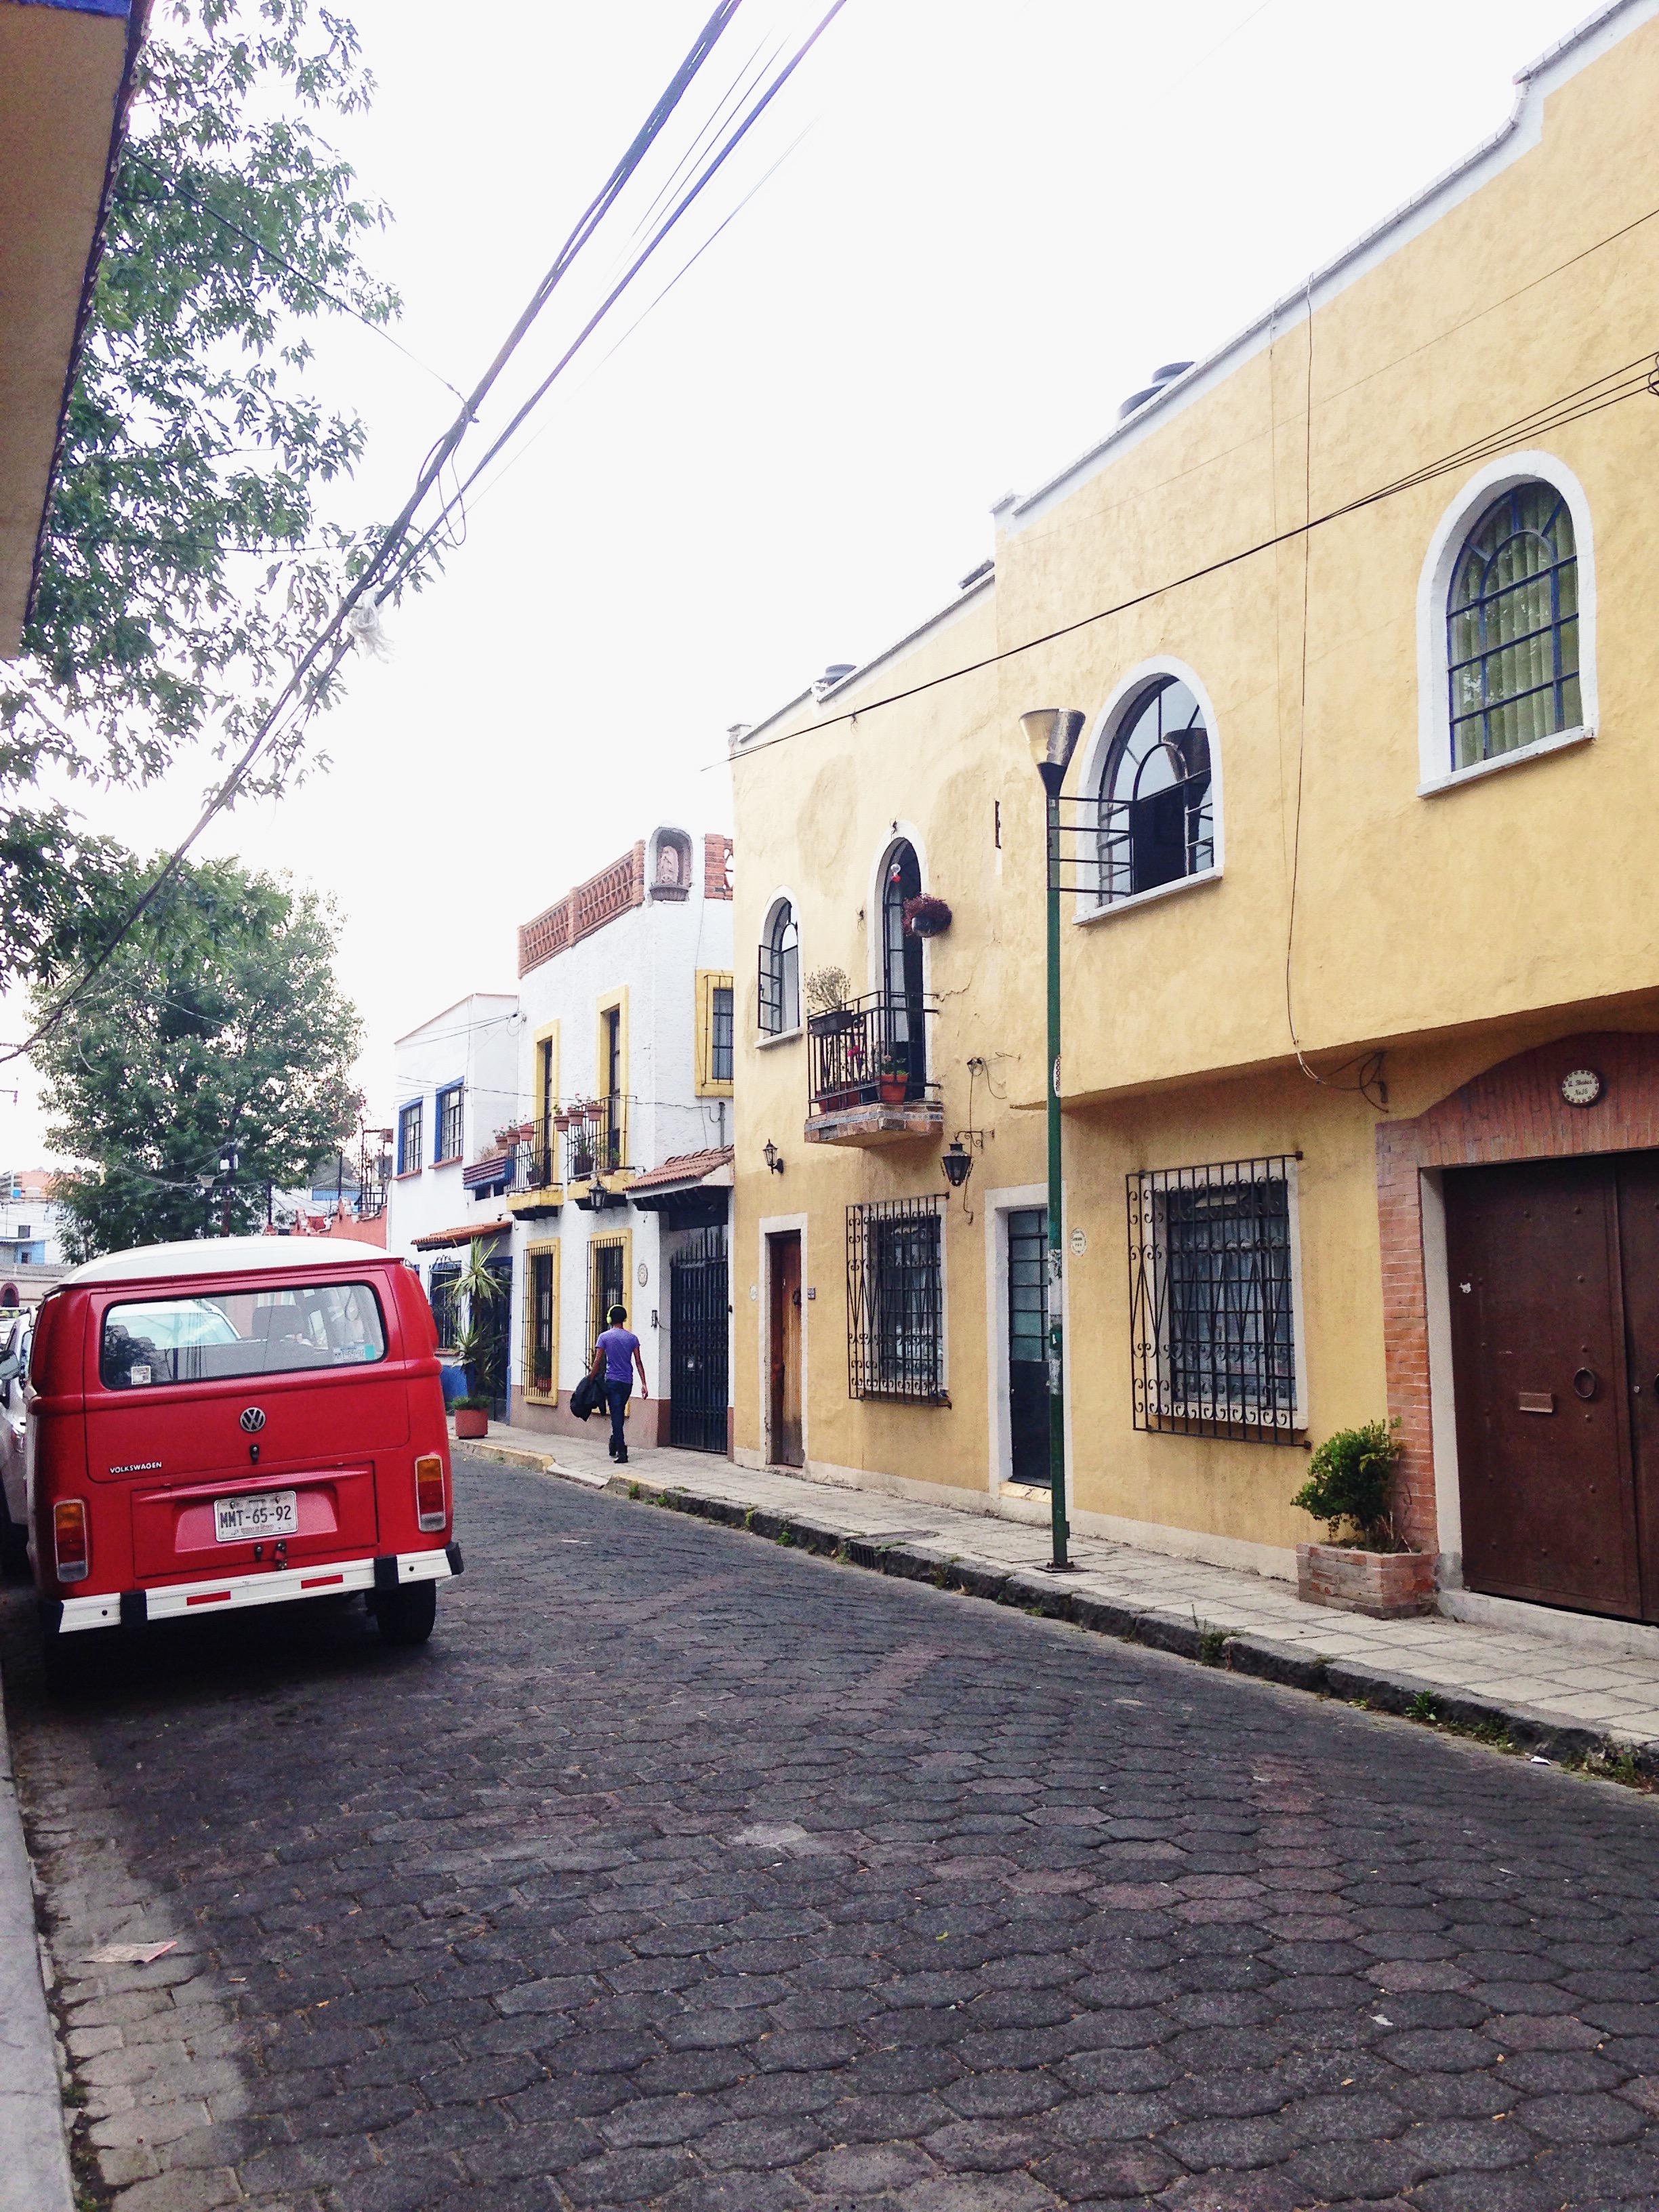 Mexico City. © E.A. Crunden